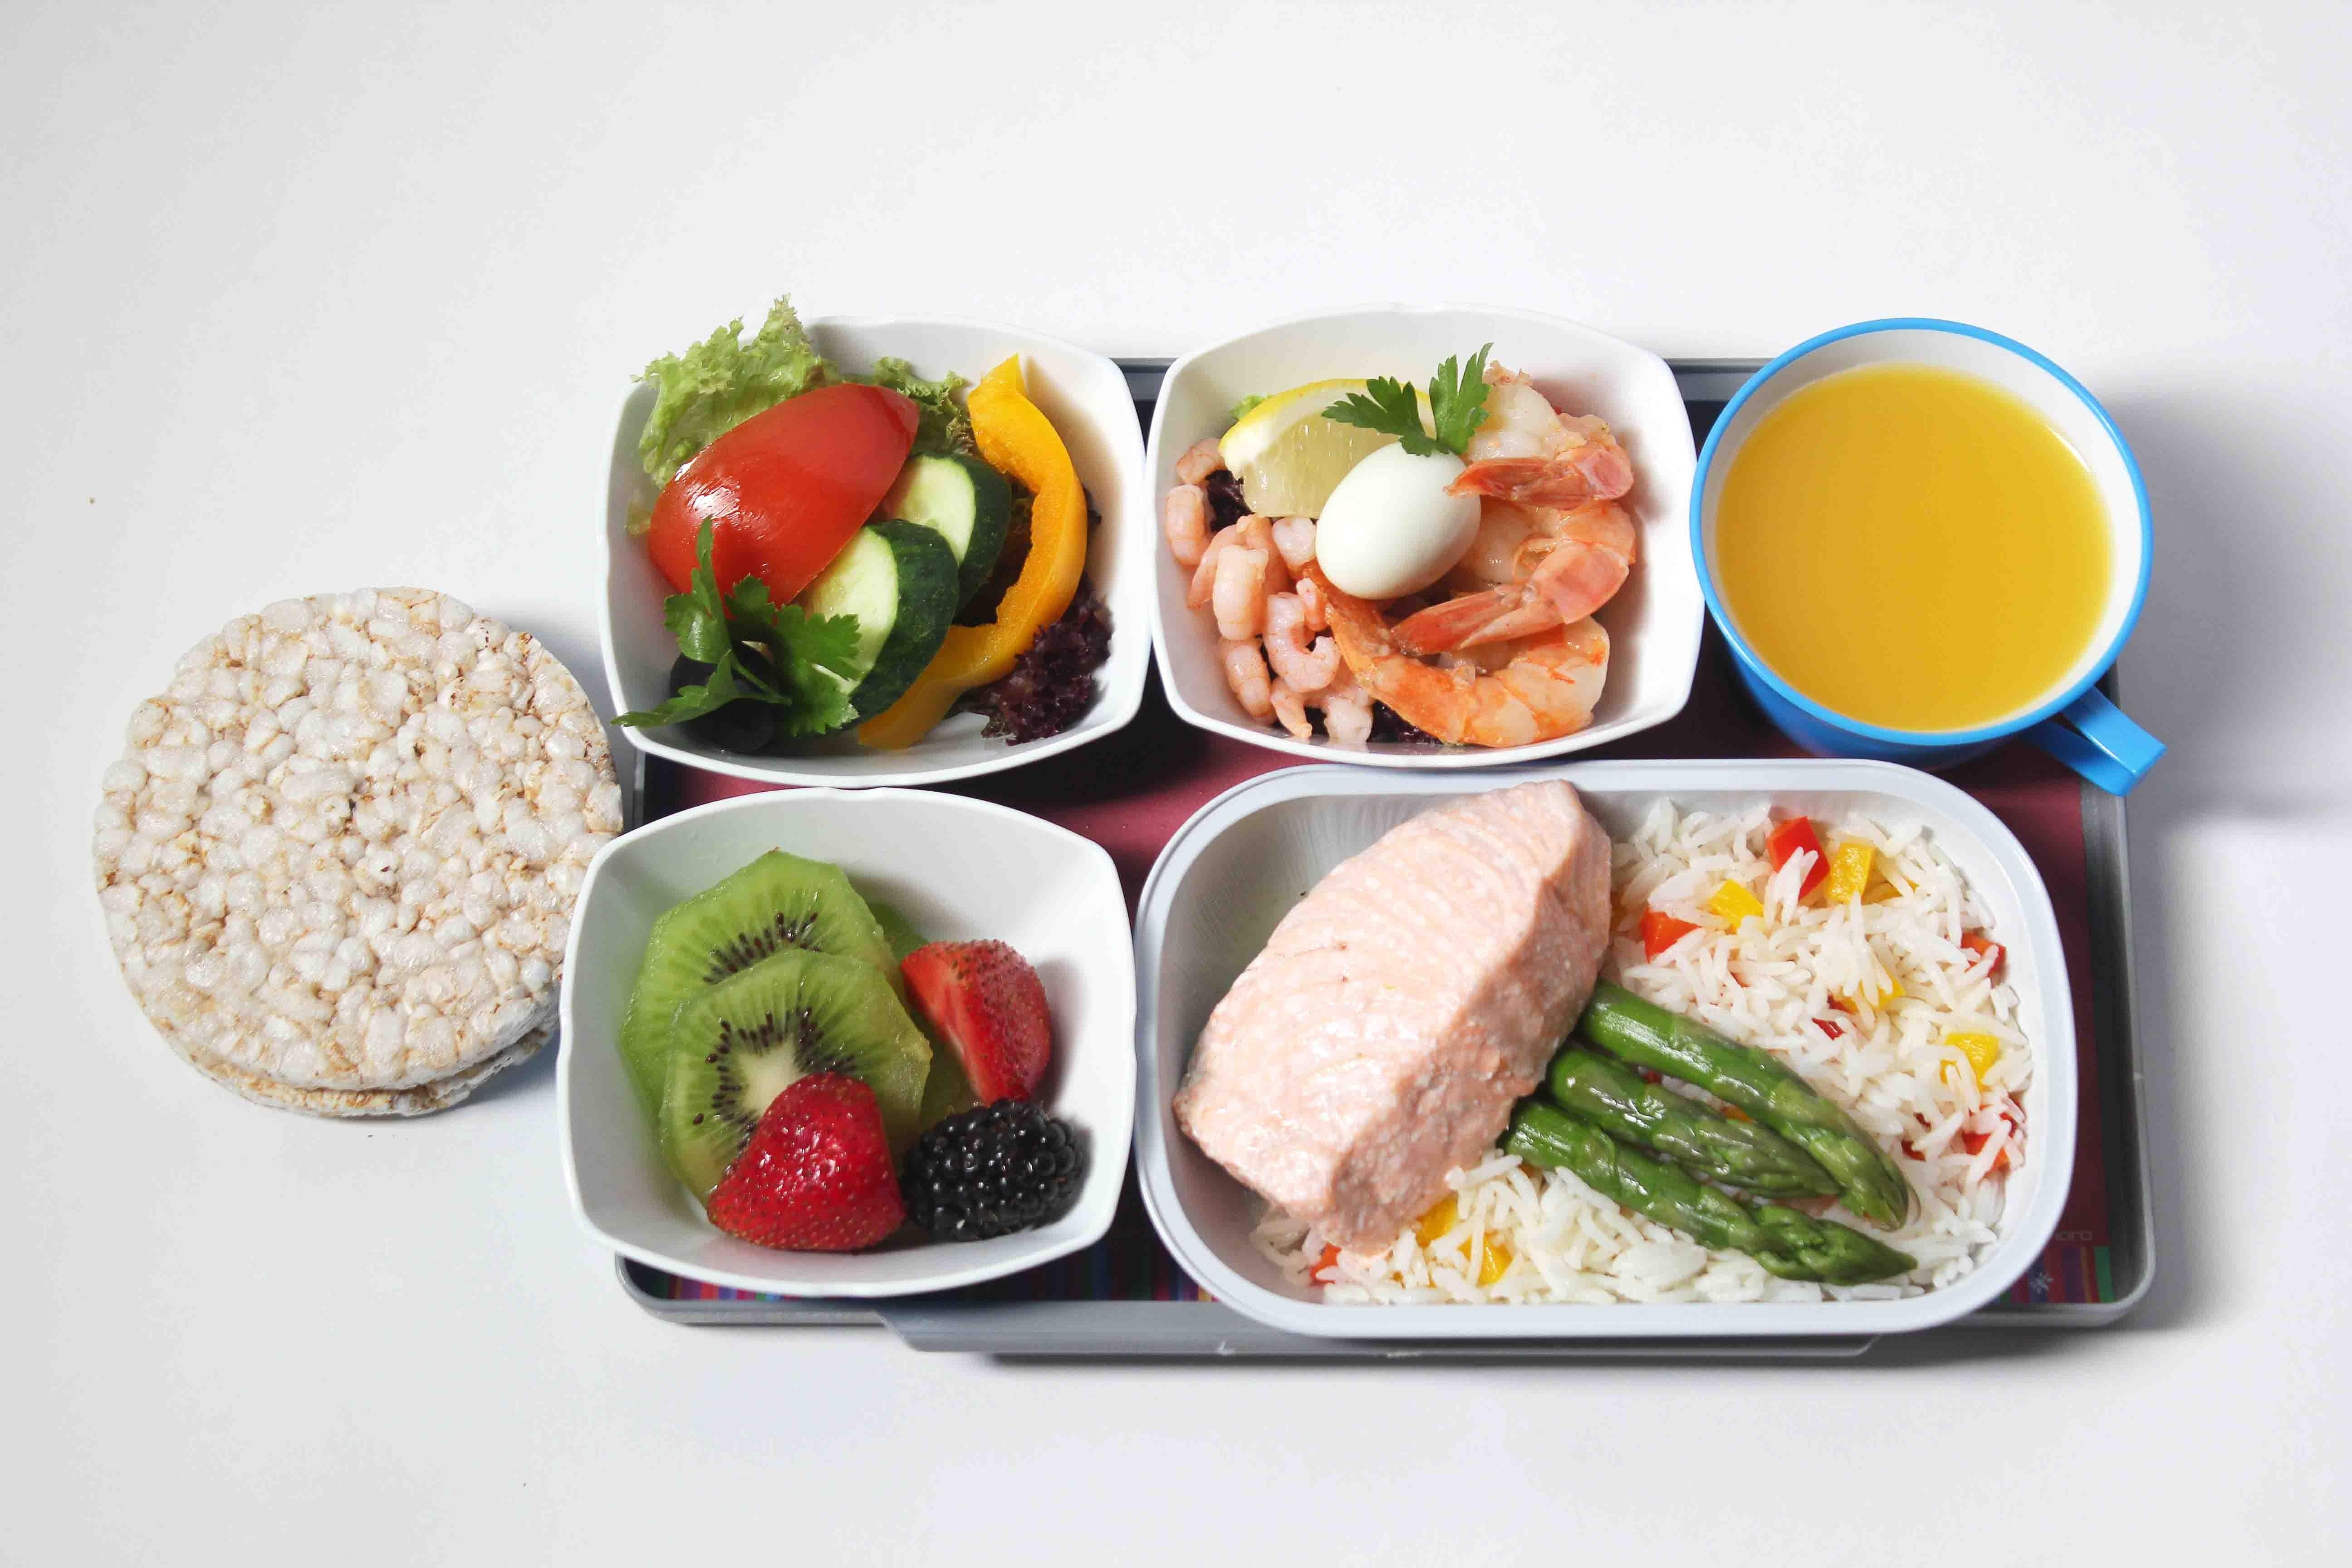 Низкокалорийная Диета На Белках. Рецепты белковой диеты для похудения